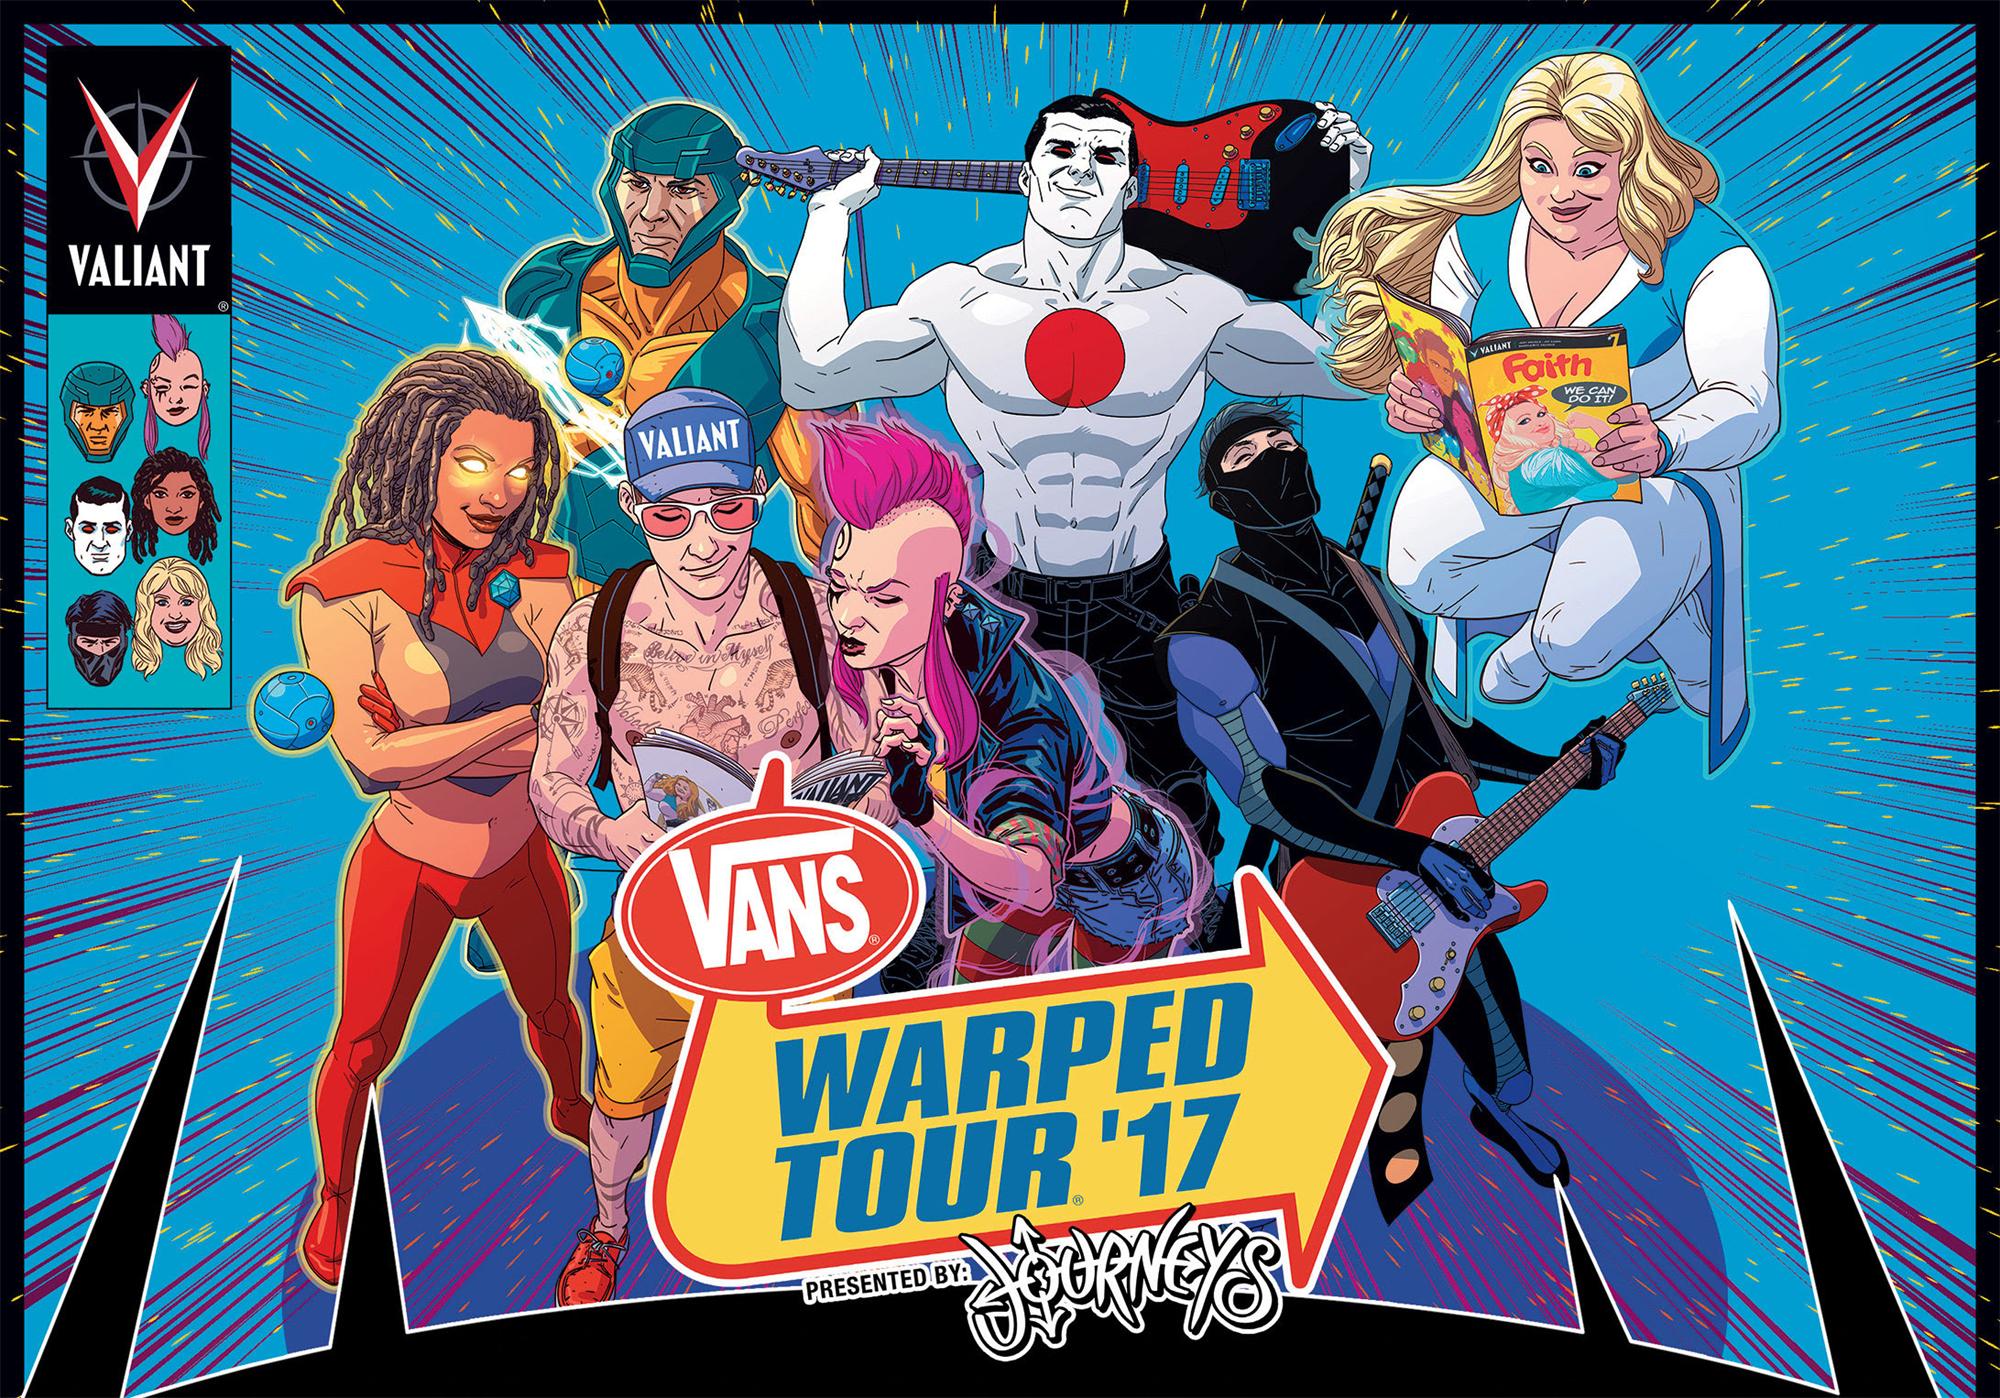 Meet Hatebreed Warped Tour